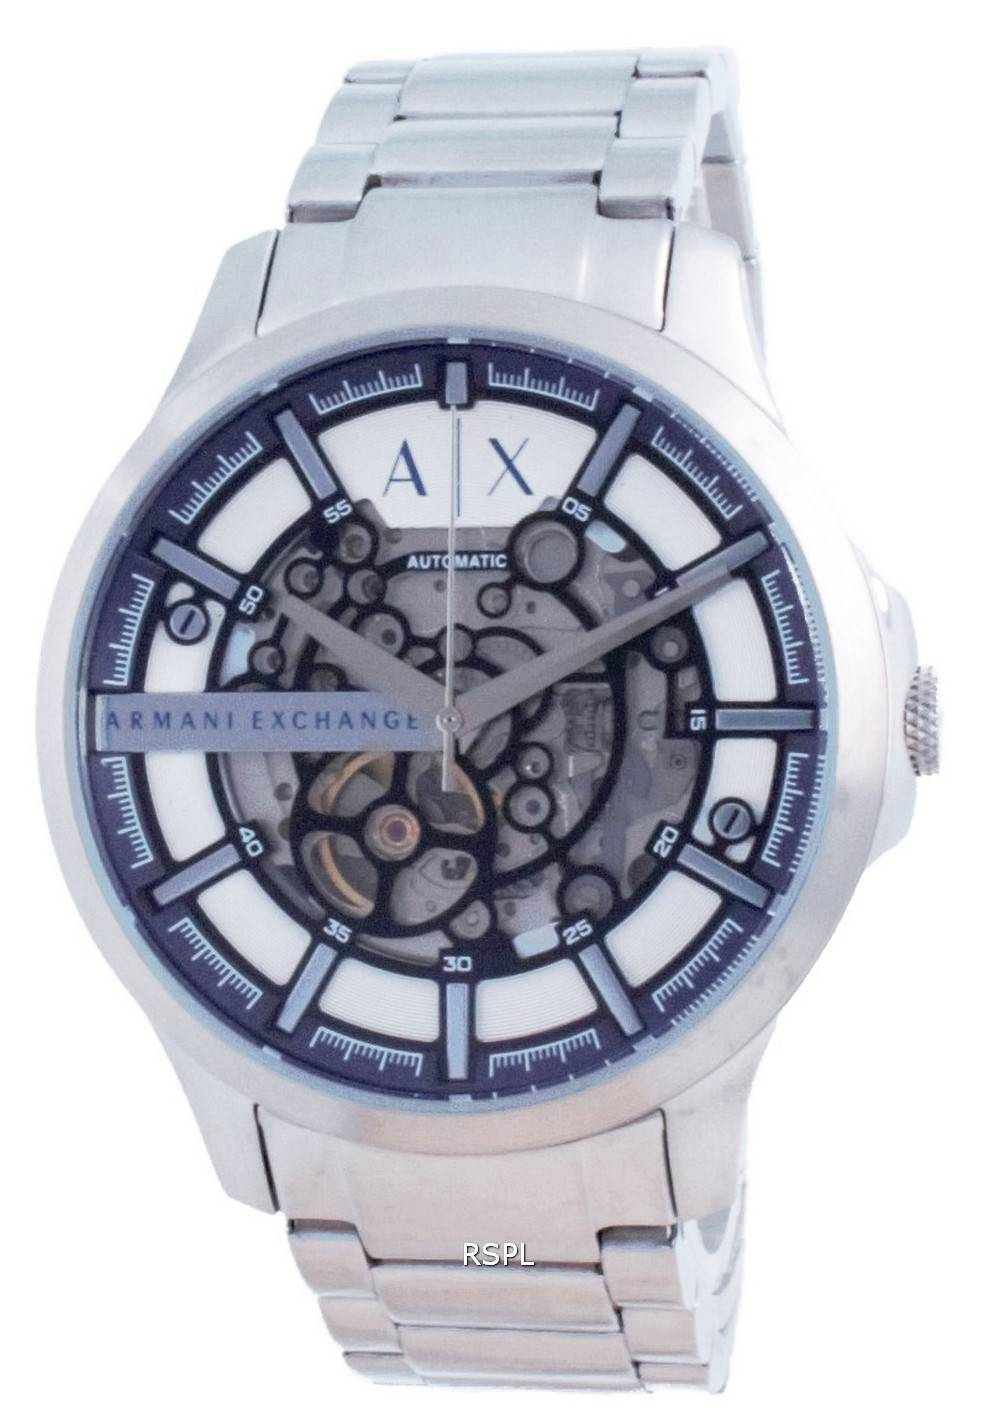 Armani Exchange Hampton luuranko ruostumaton teräs automaattinen AX2416 miesten kello